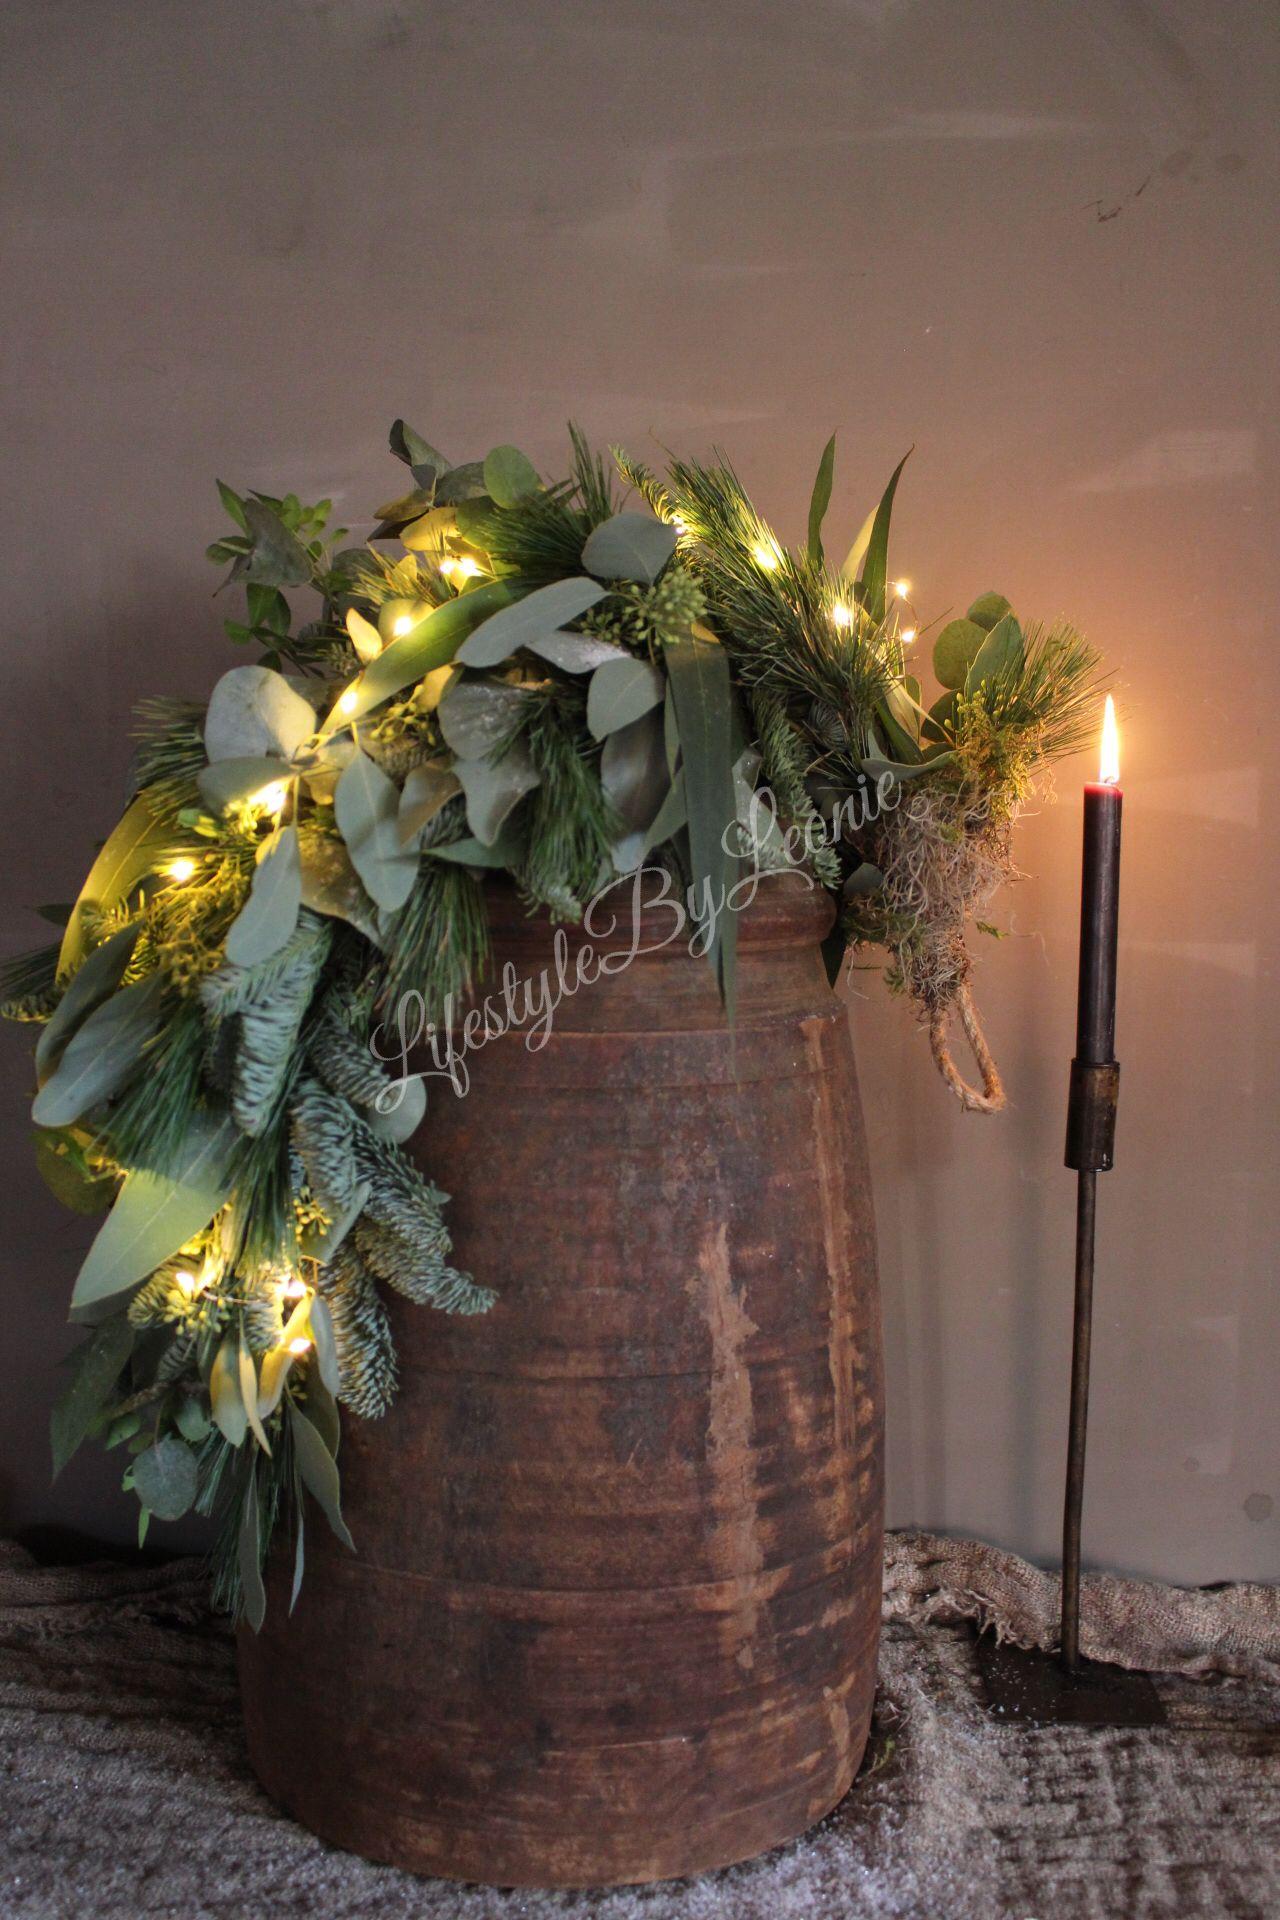 Toef en led lampjes  #kerstbloemstukken